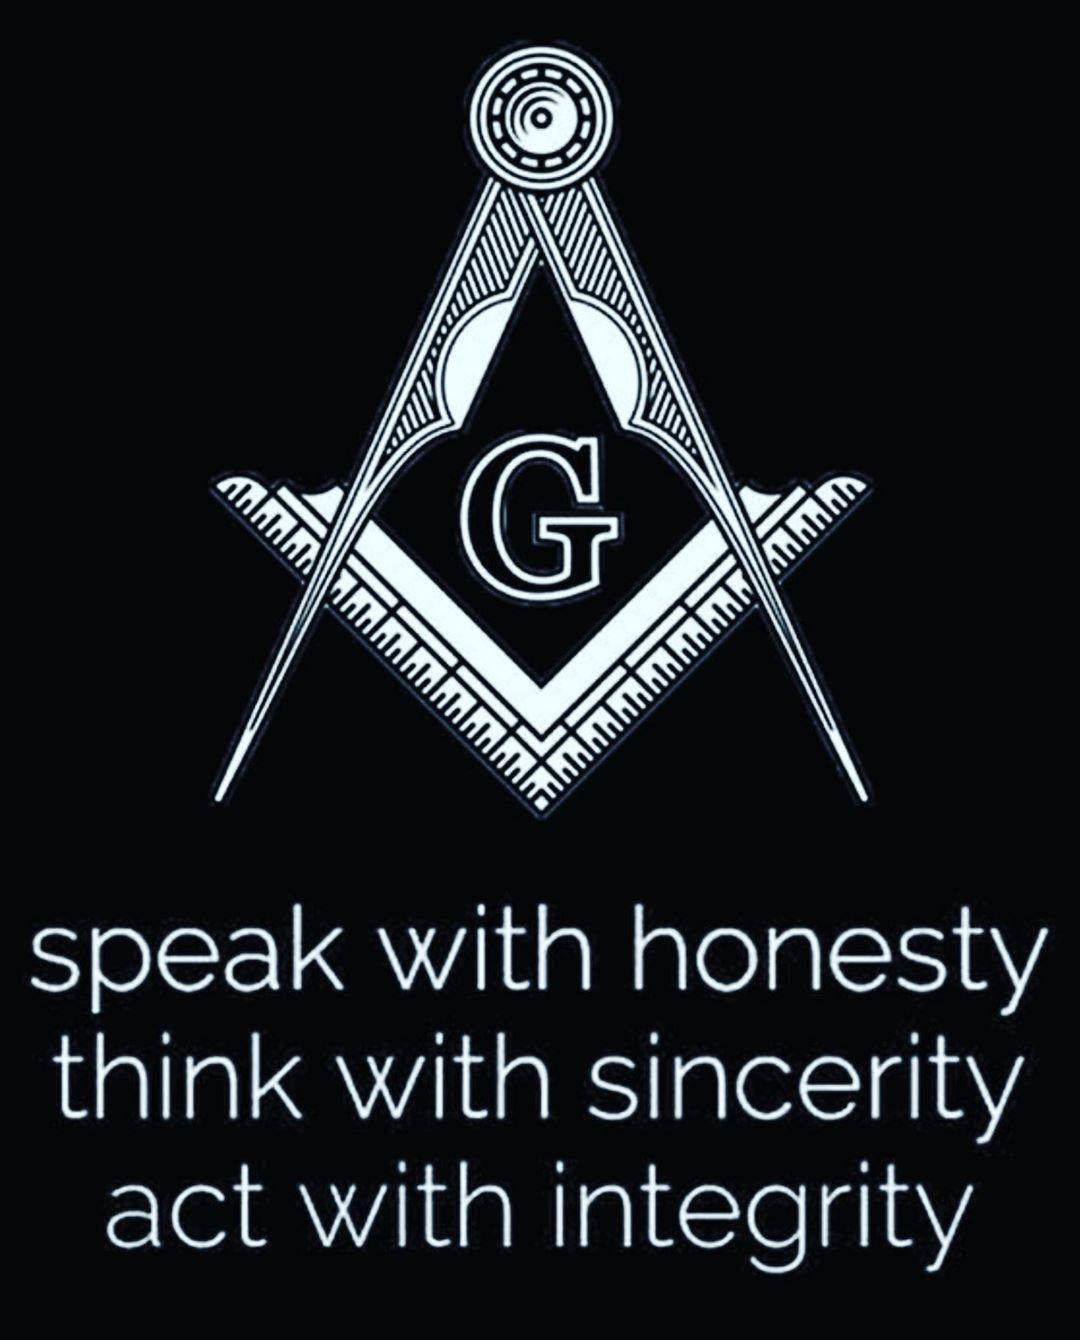 Eastpalestine417 Thisisohiofreemasonry Freemason Freemasonry 2be1ask1 2b1ask1 Masonic Bluelodge Mastermason Square Master Mason Freemasonry Masonic